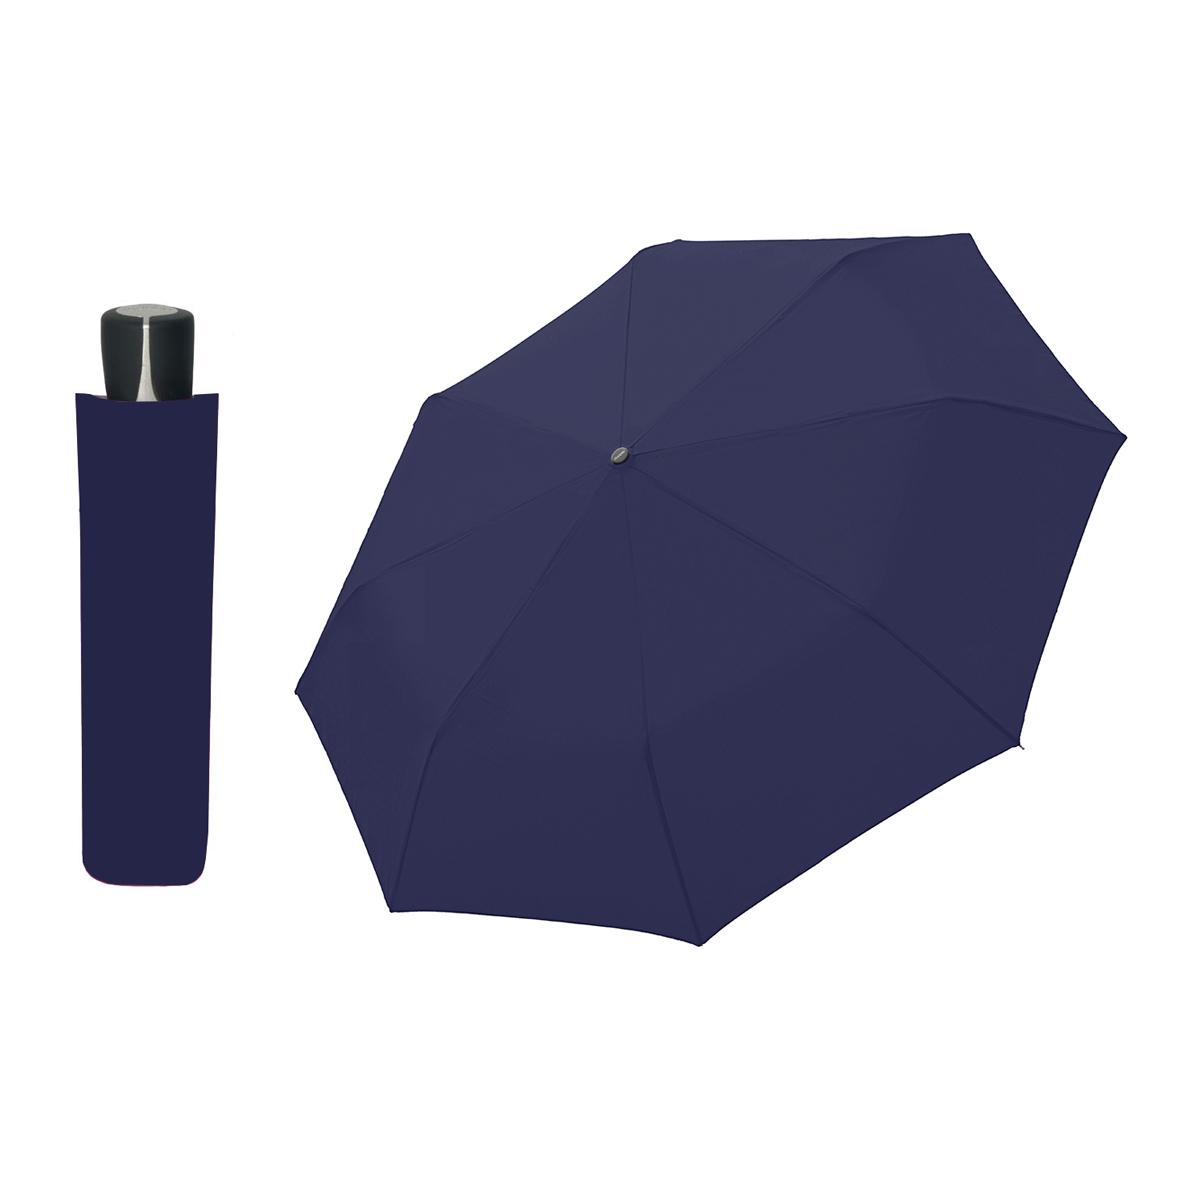 ea4a40648be DOPPLER Mini Fiber tmavě modrý - dámský pánský skládací deštník